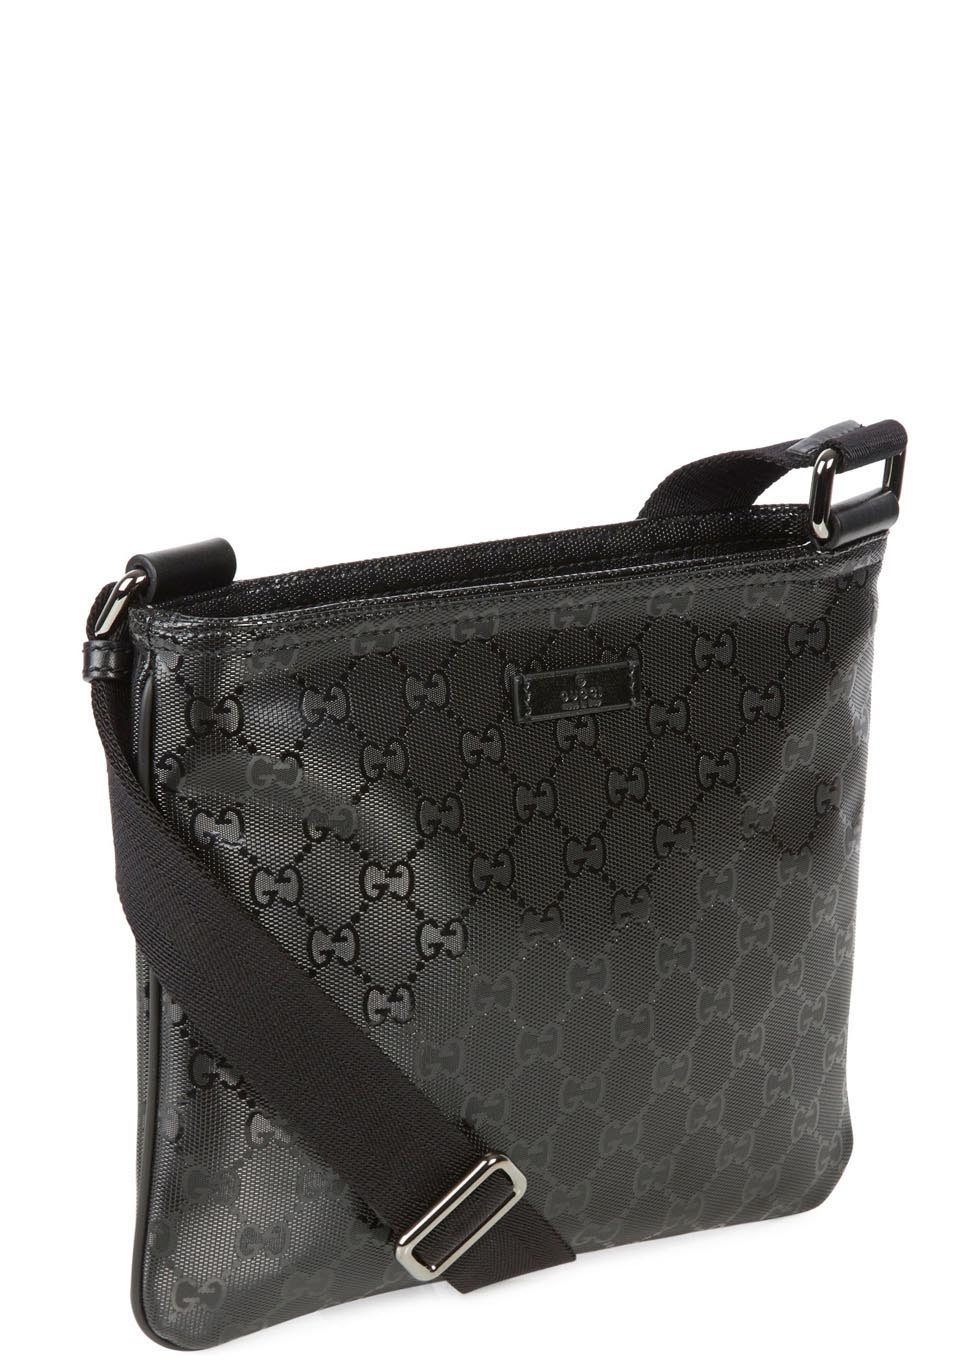 lyst gucci black monogrammed coated canvas messenger bag in black for men. Black Bedroom Furniture Sets. Home Design Ideas